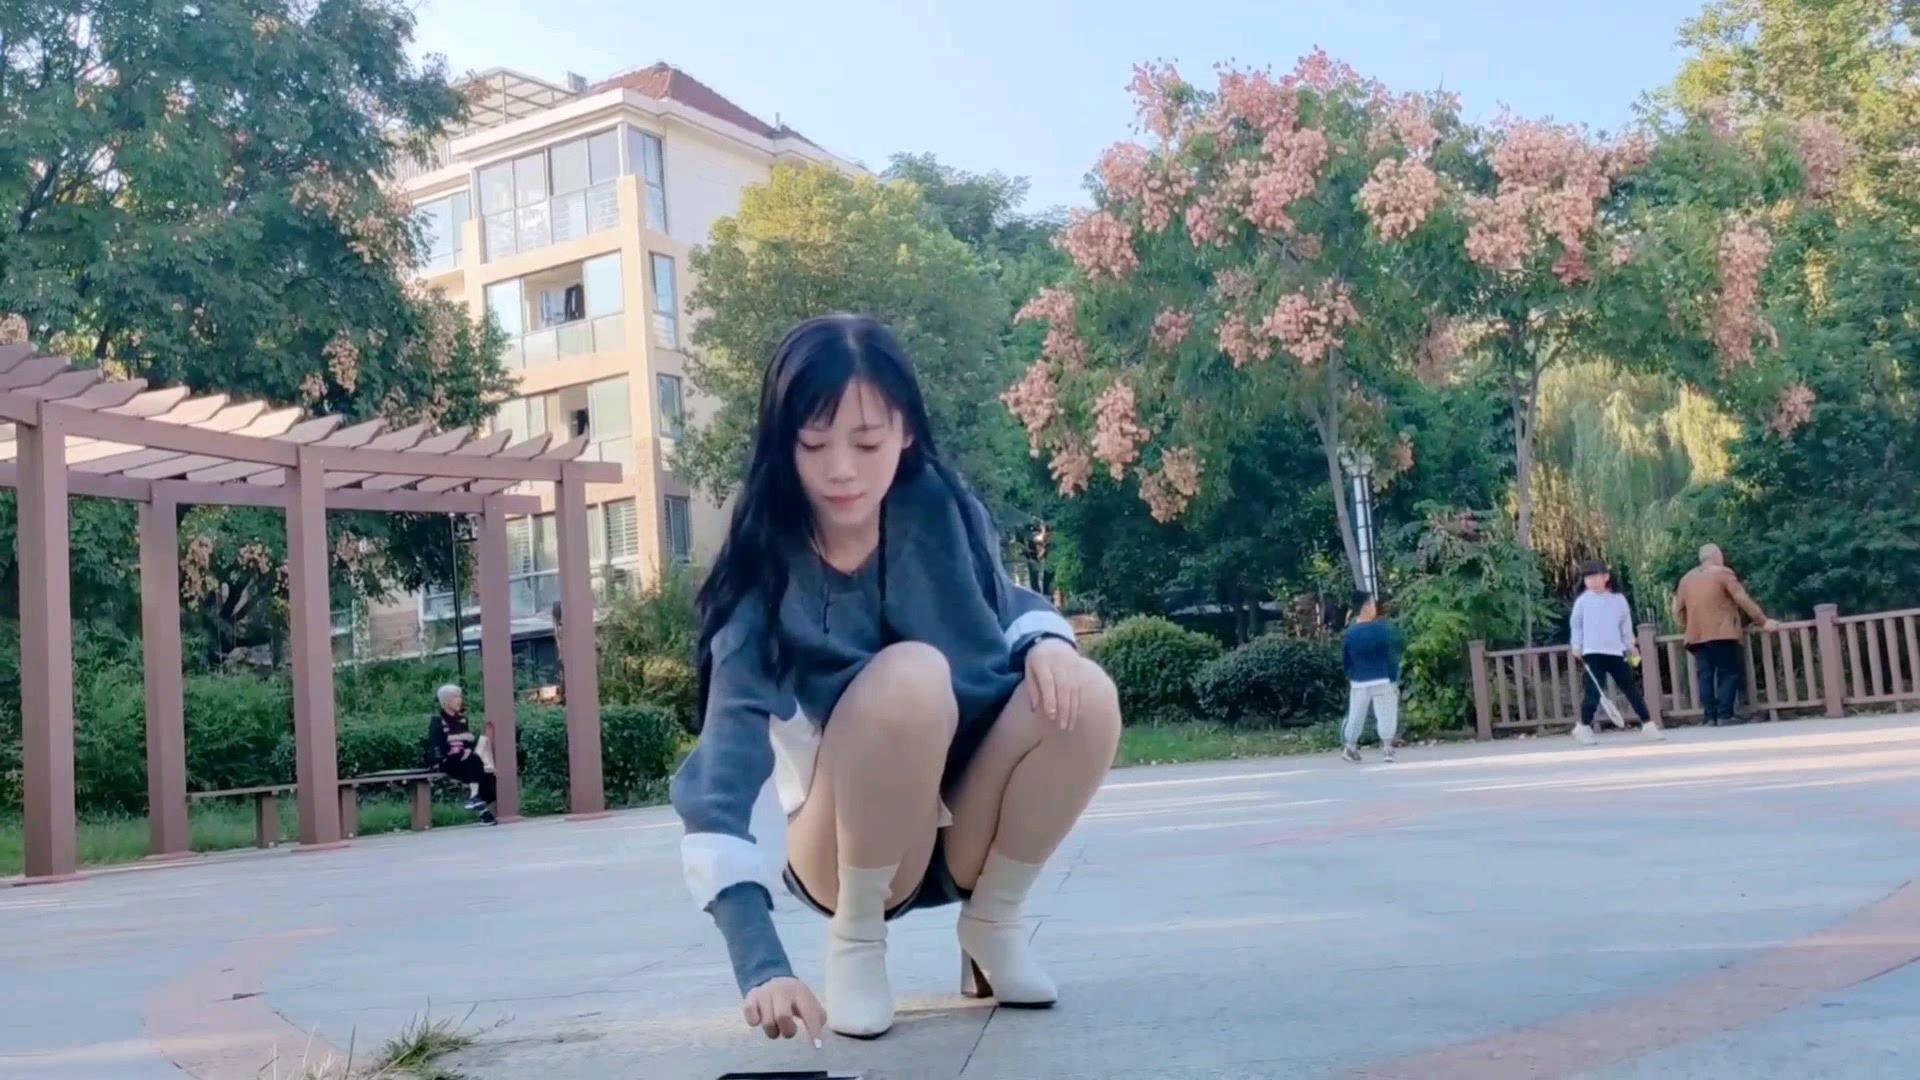 第一次在自家小区楼下跳广场舞 感觉好亲切哈哈